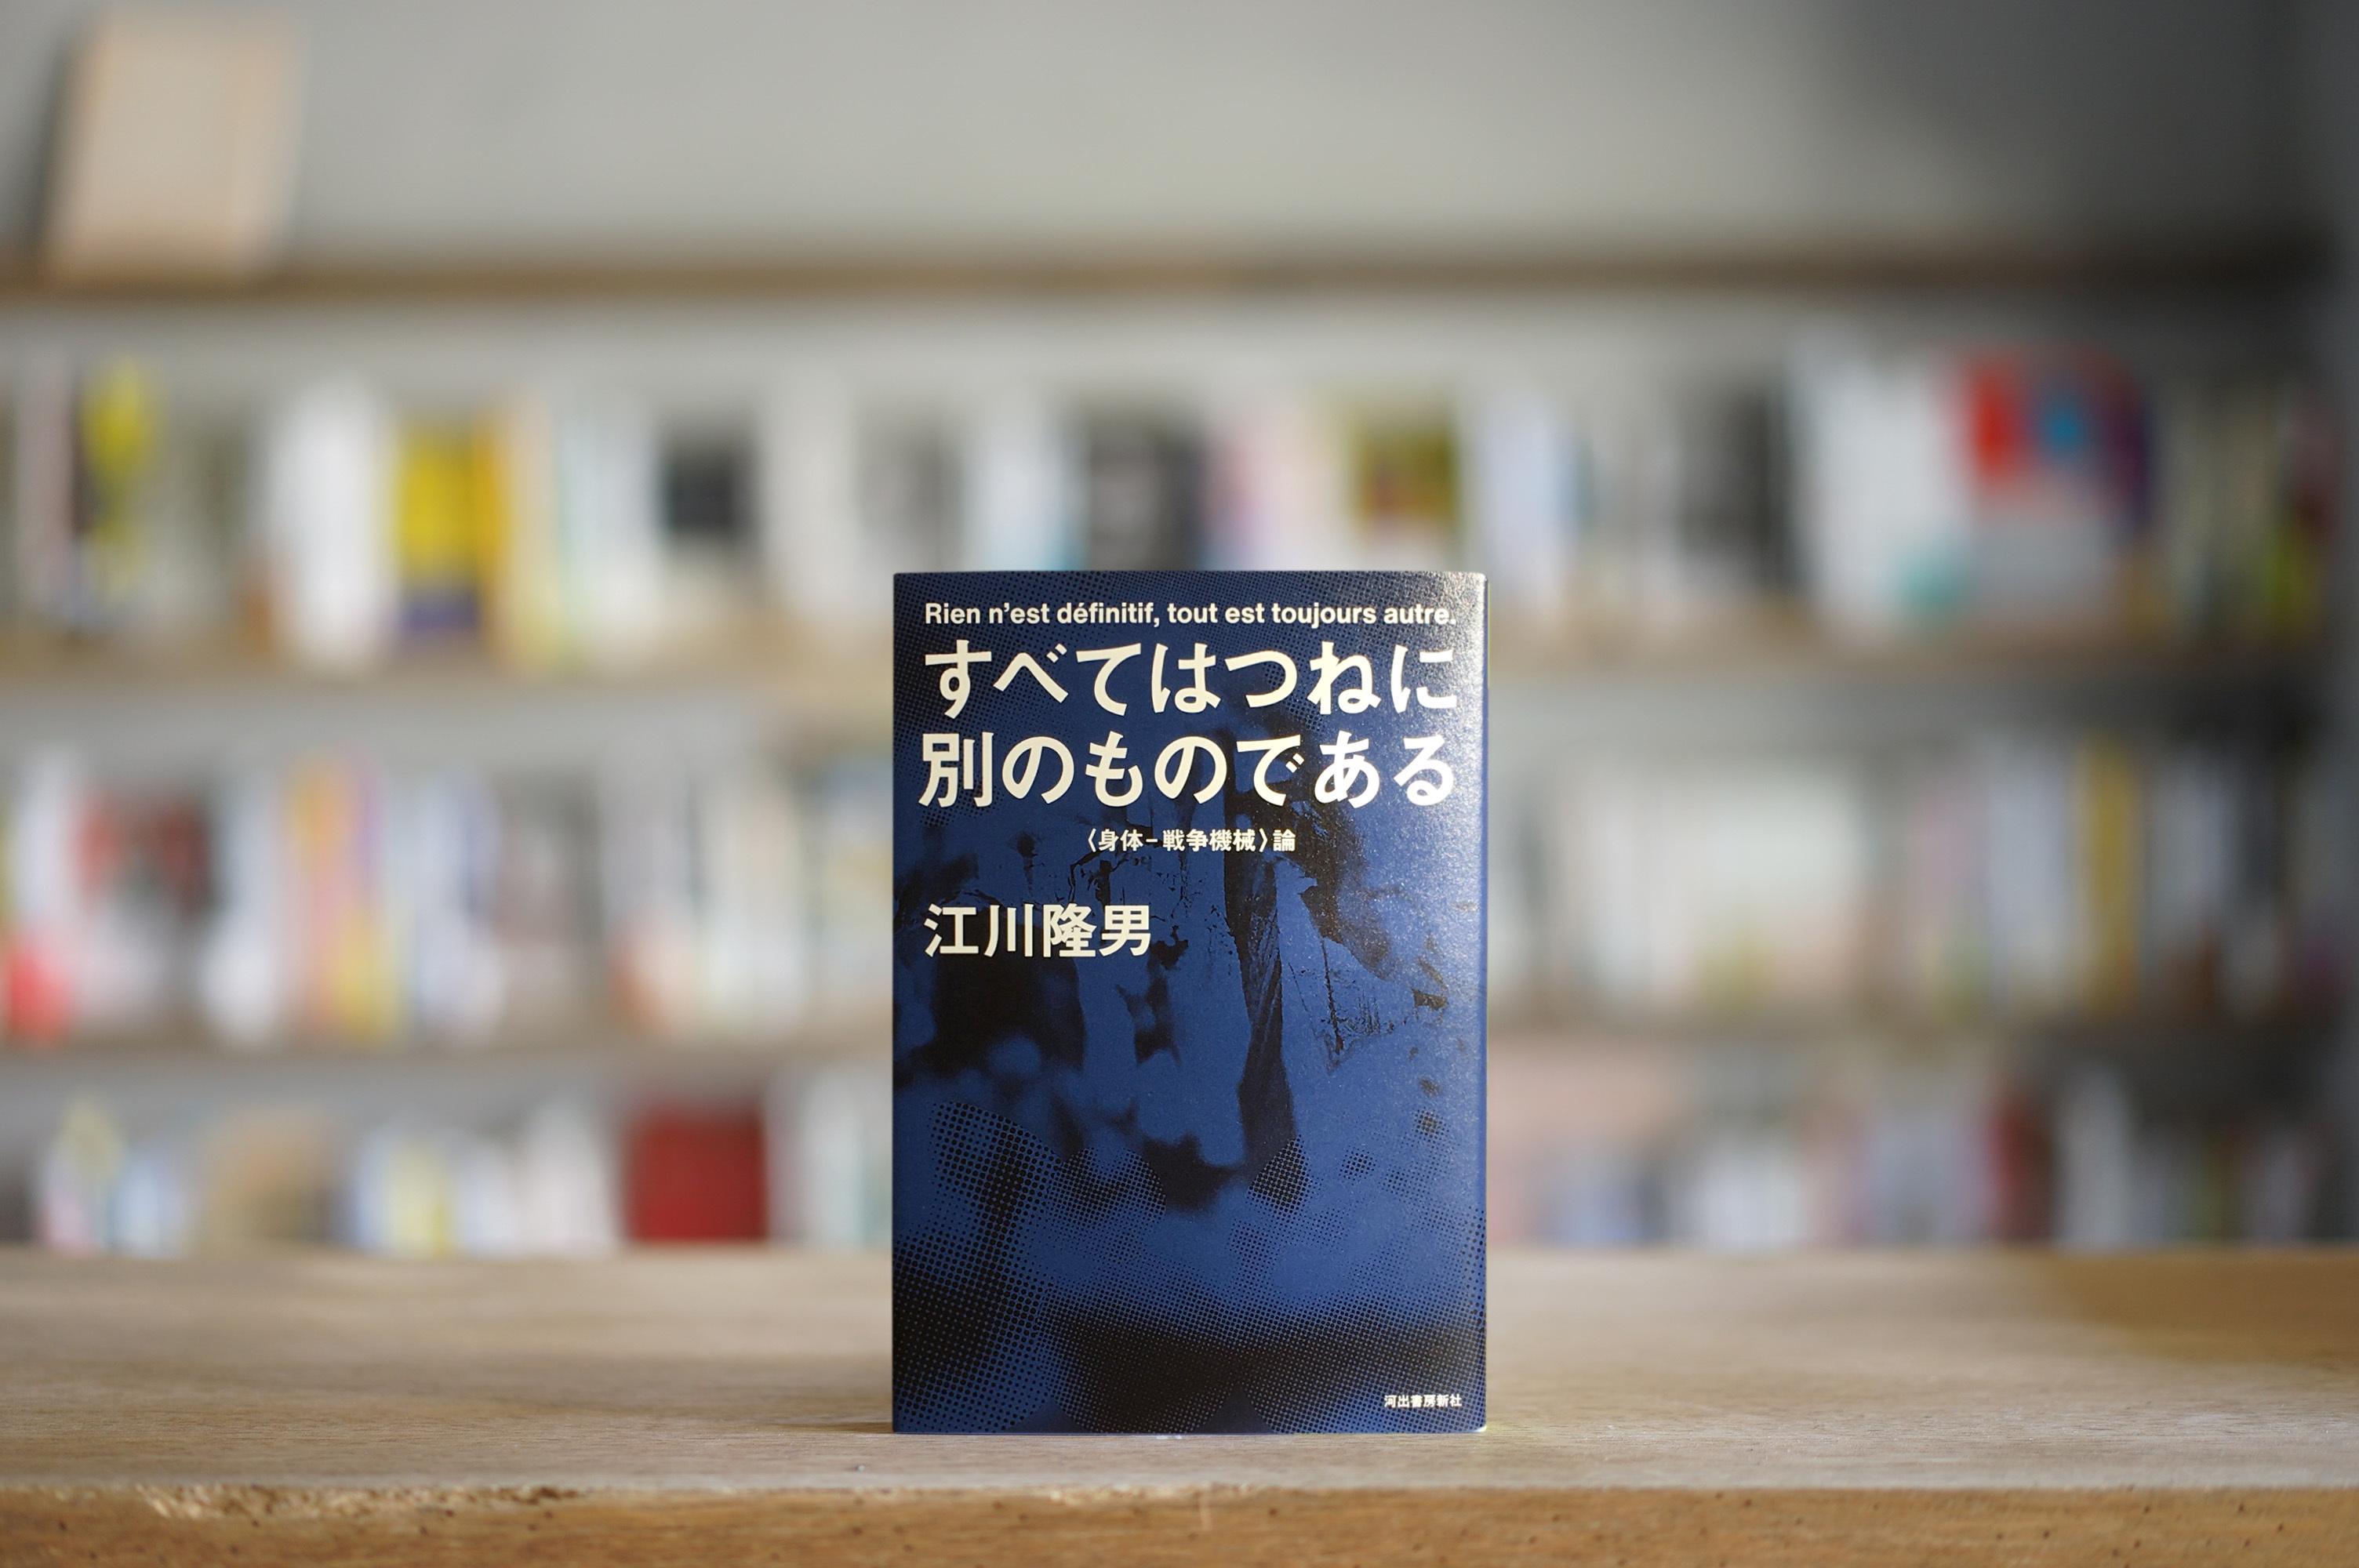 江川隆男 『すべてはつねに別のものである 〈身体−戦争機械〉論』